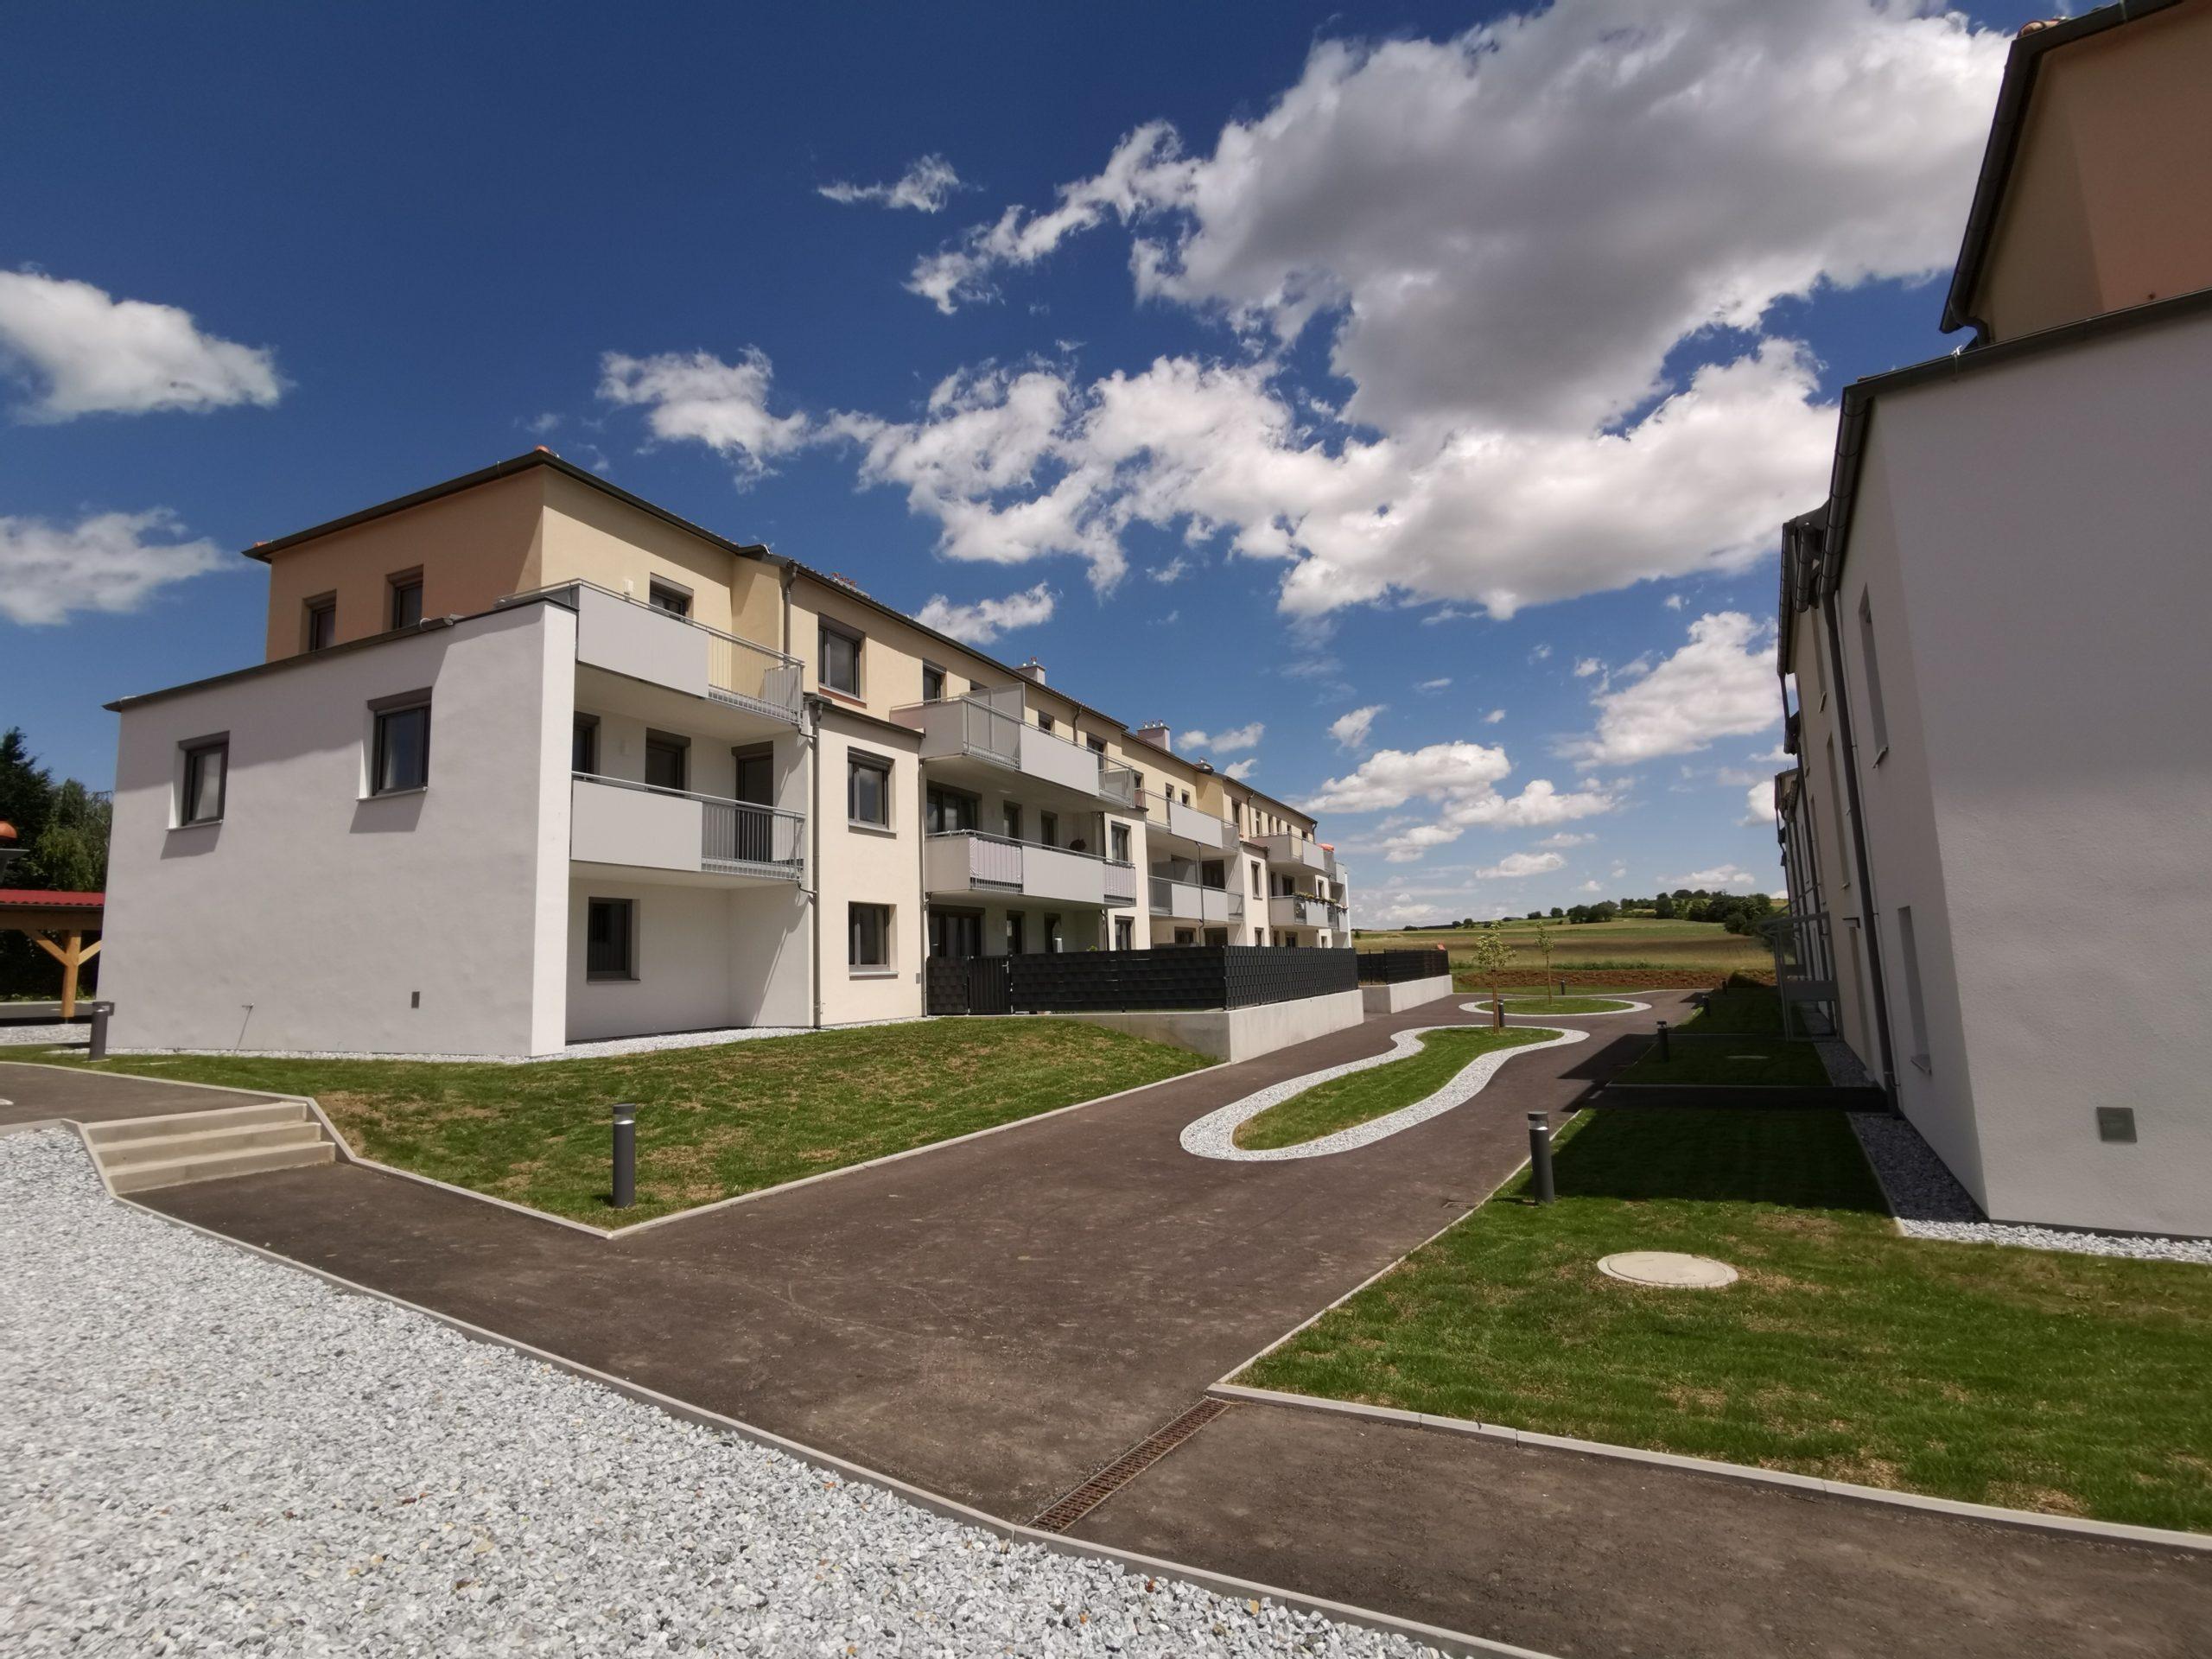 Immobilie von Kamptal in 3571 Gars am Kamp, Horn, Gars V - Top 208 #21